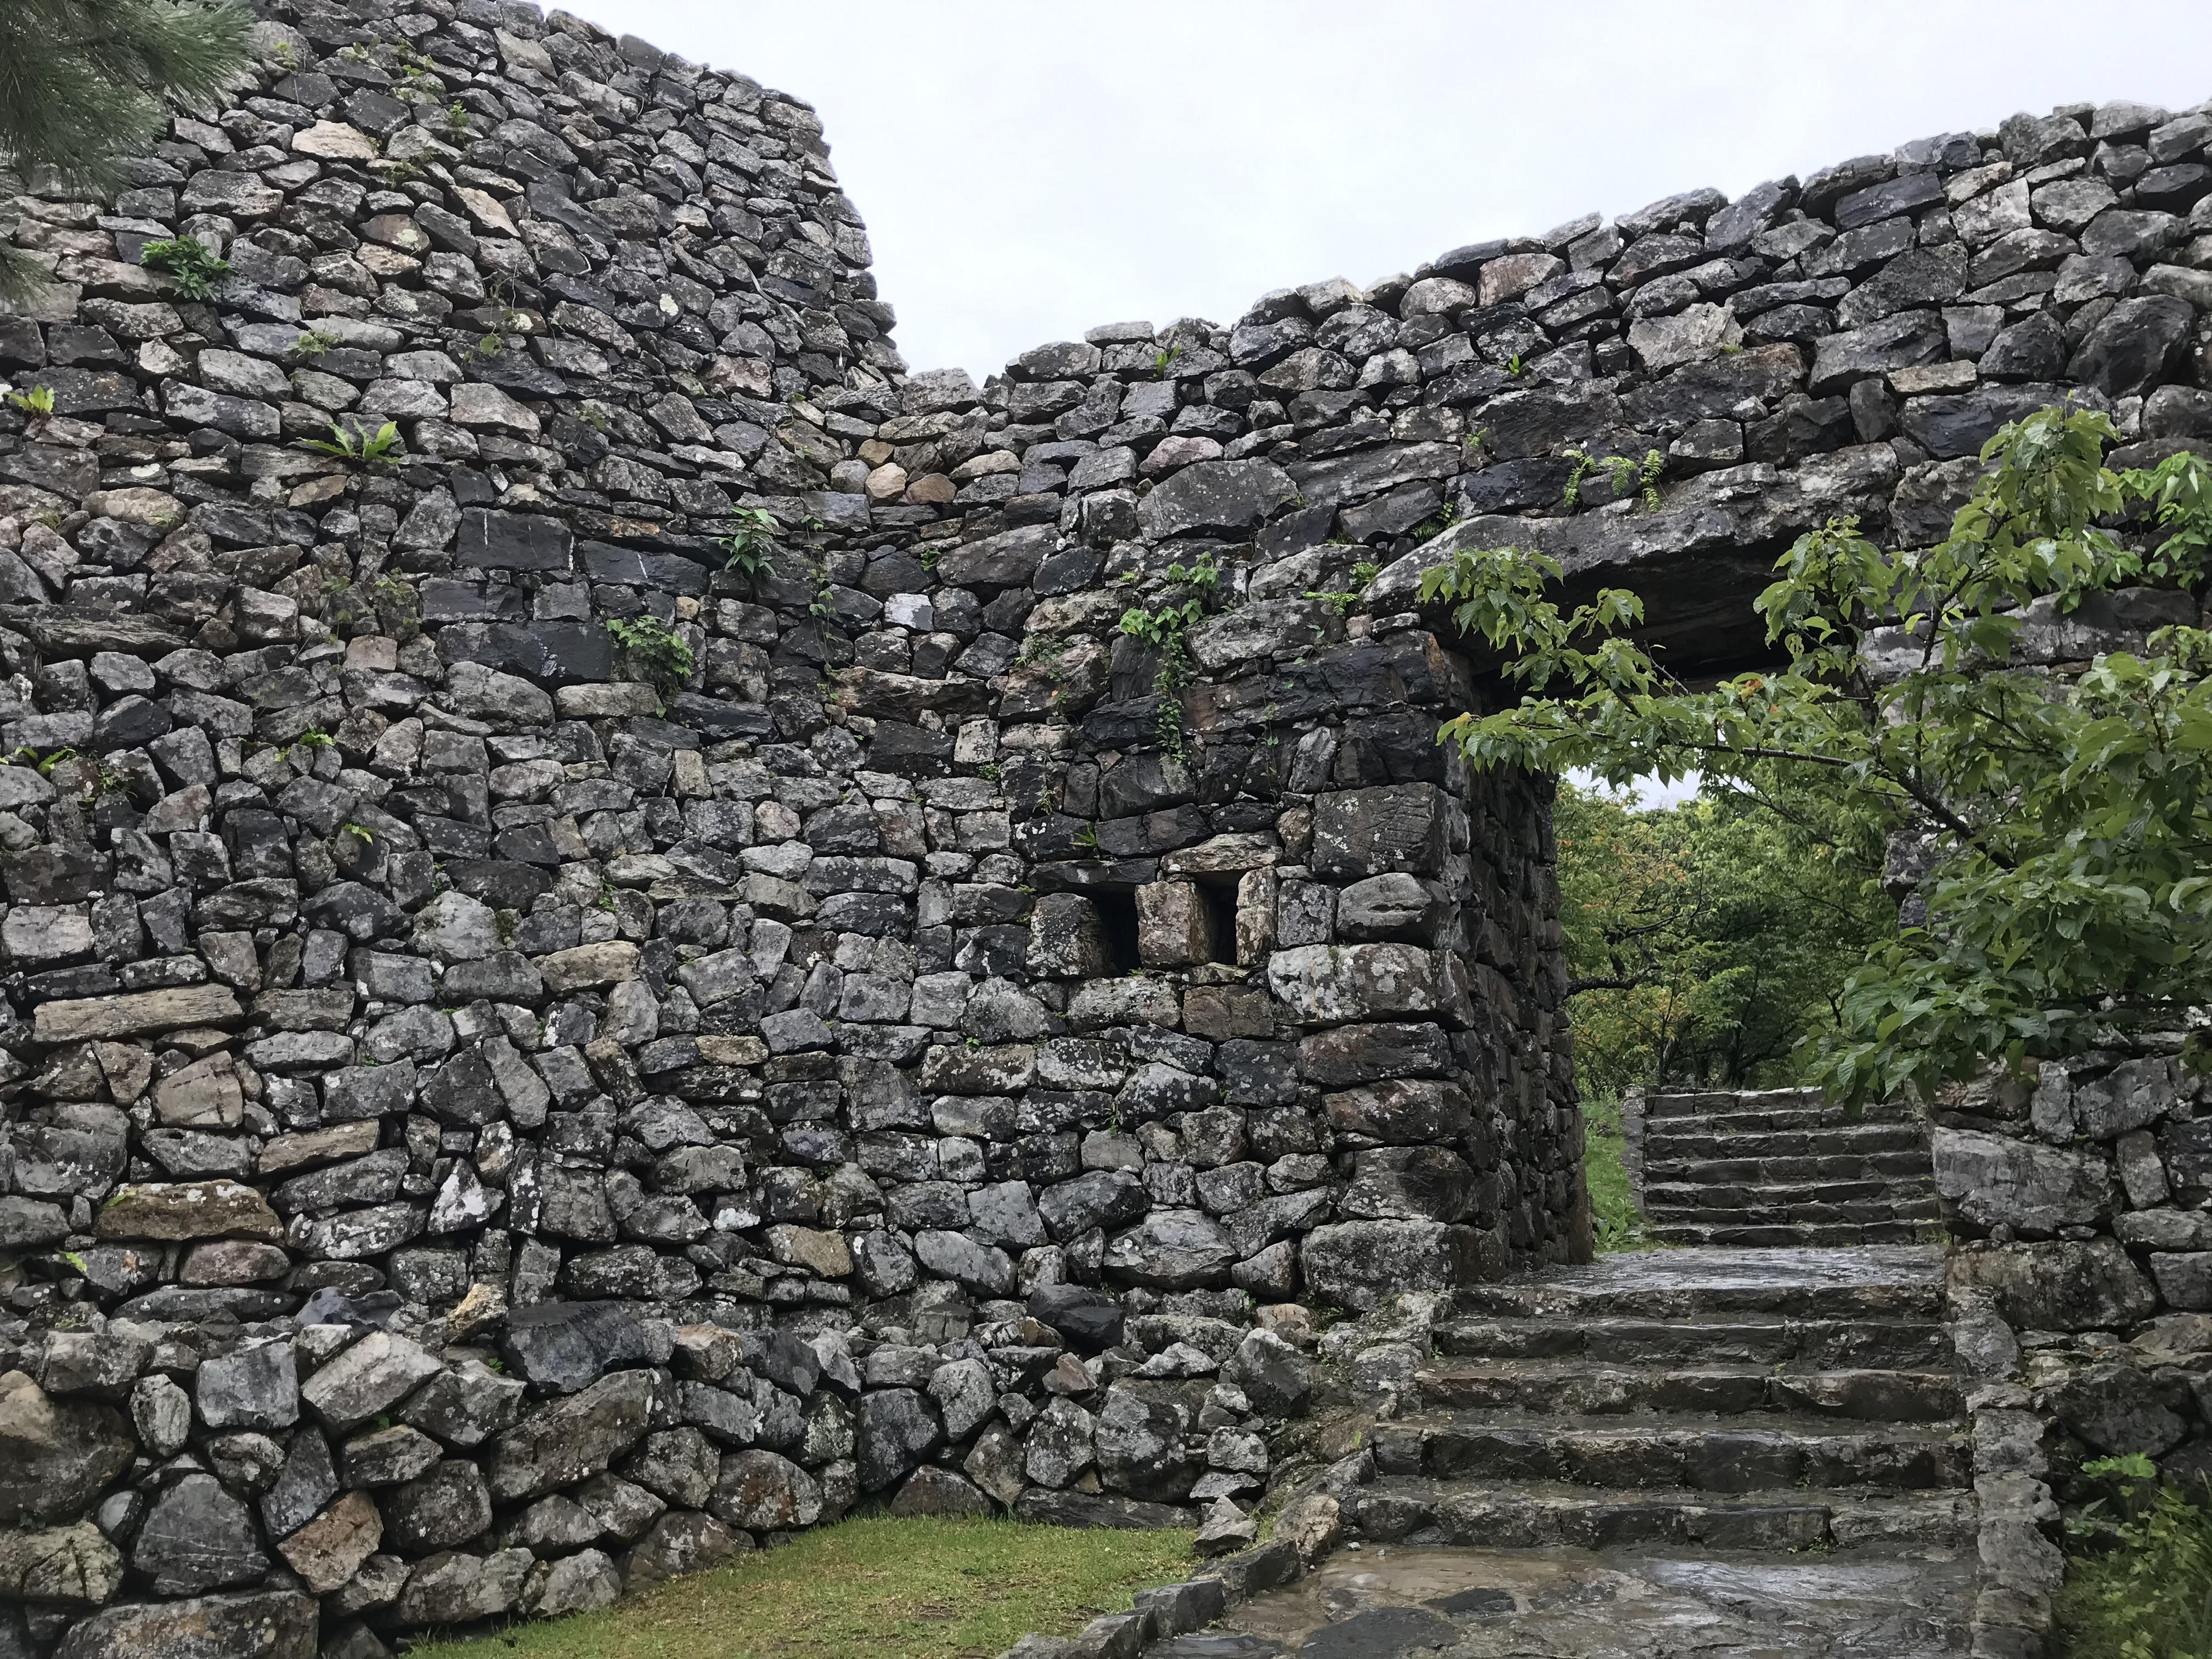 沖縄・今帰仁村「今帰仁城跡」北部にある世界遺産の城